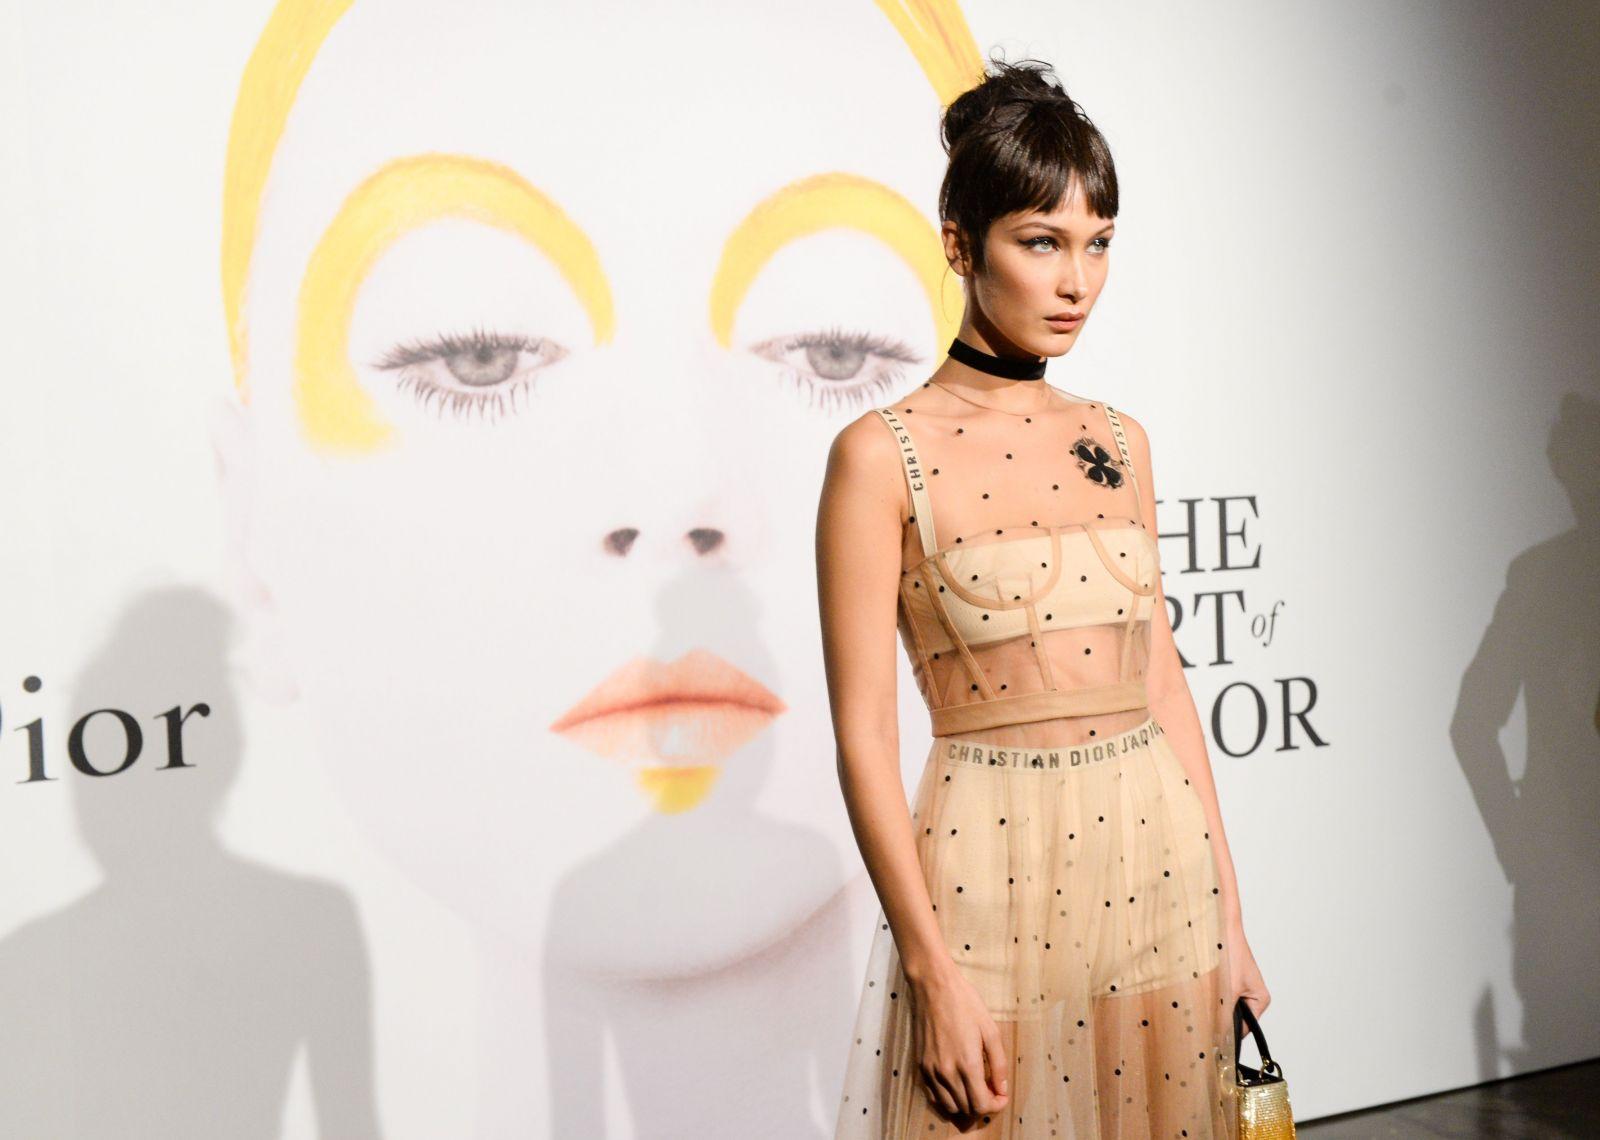 Белла Хадид сразила публику прозрачным платьем от Dior (ФОТО)